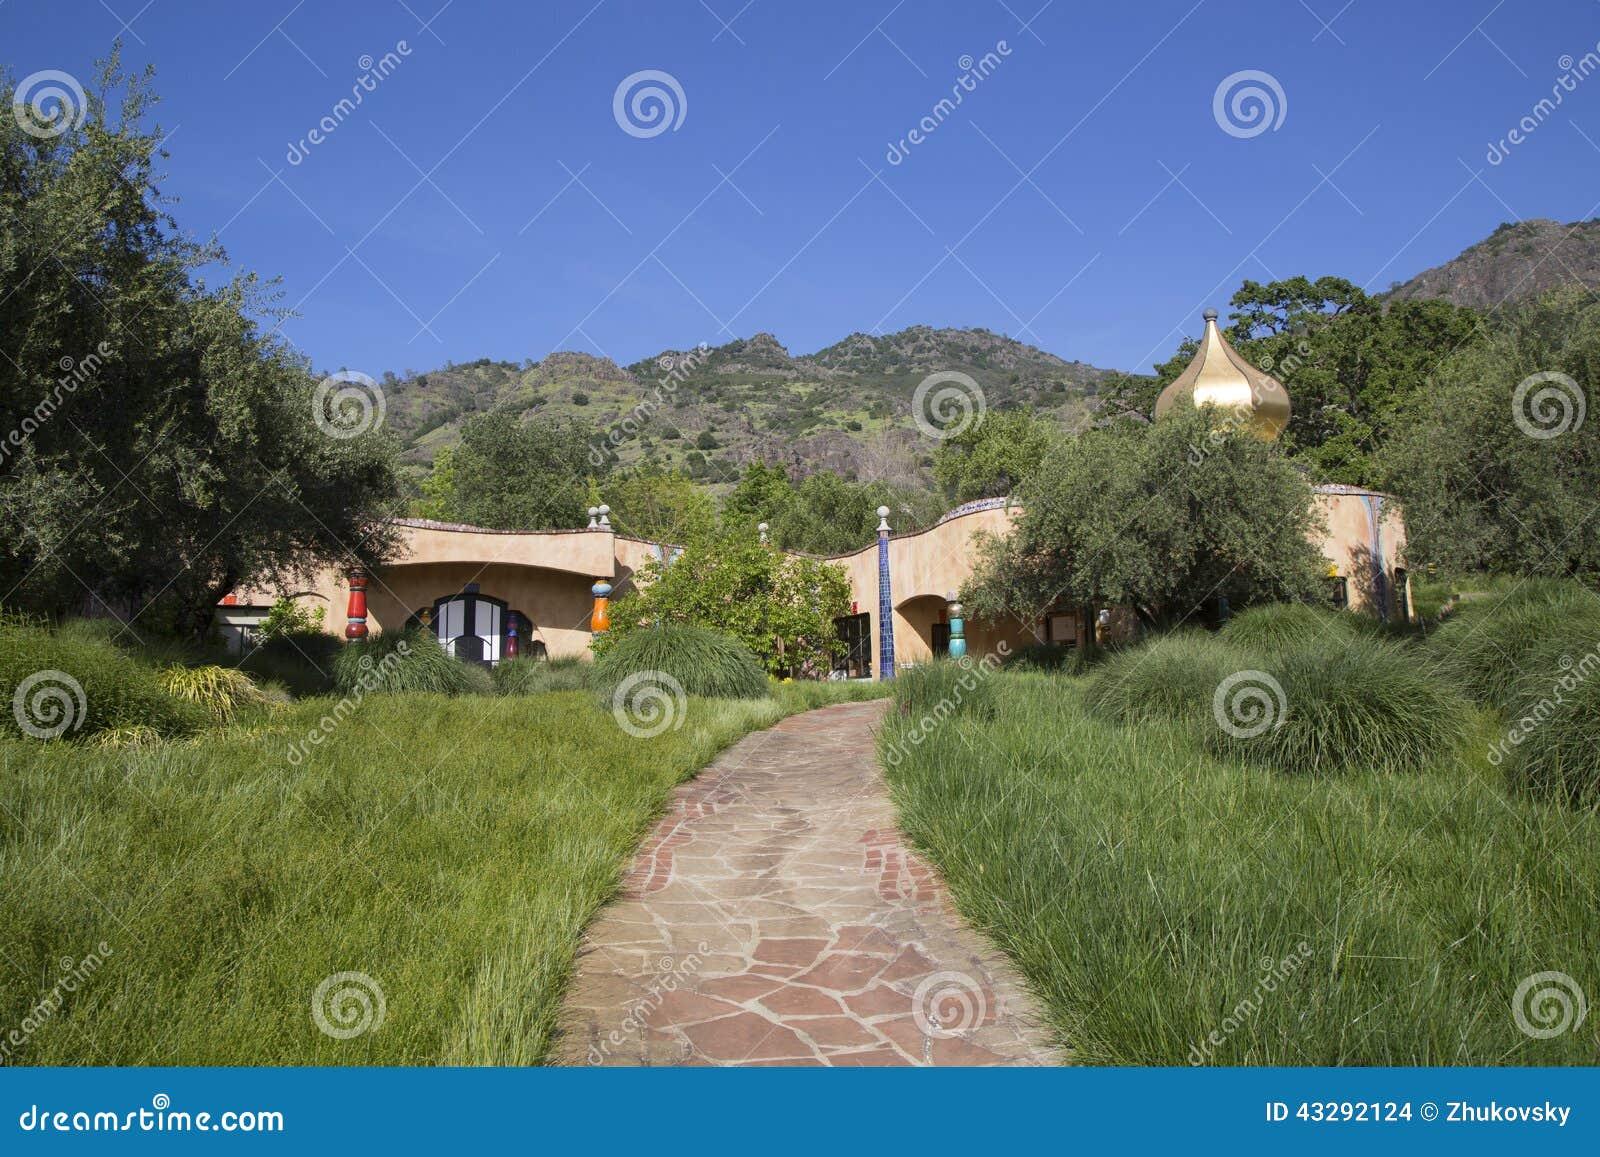 La cantina di Quisciotte in Napa Valley ha costruito dall architetto viennese Friedensreich Hundertwasser